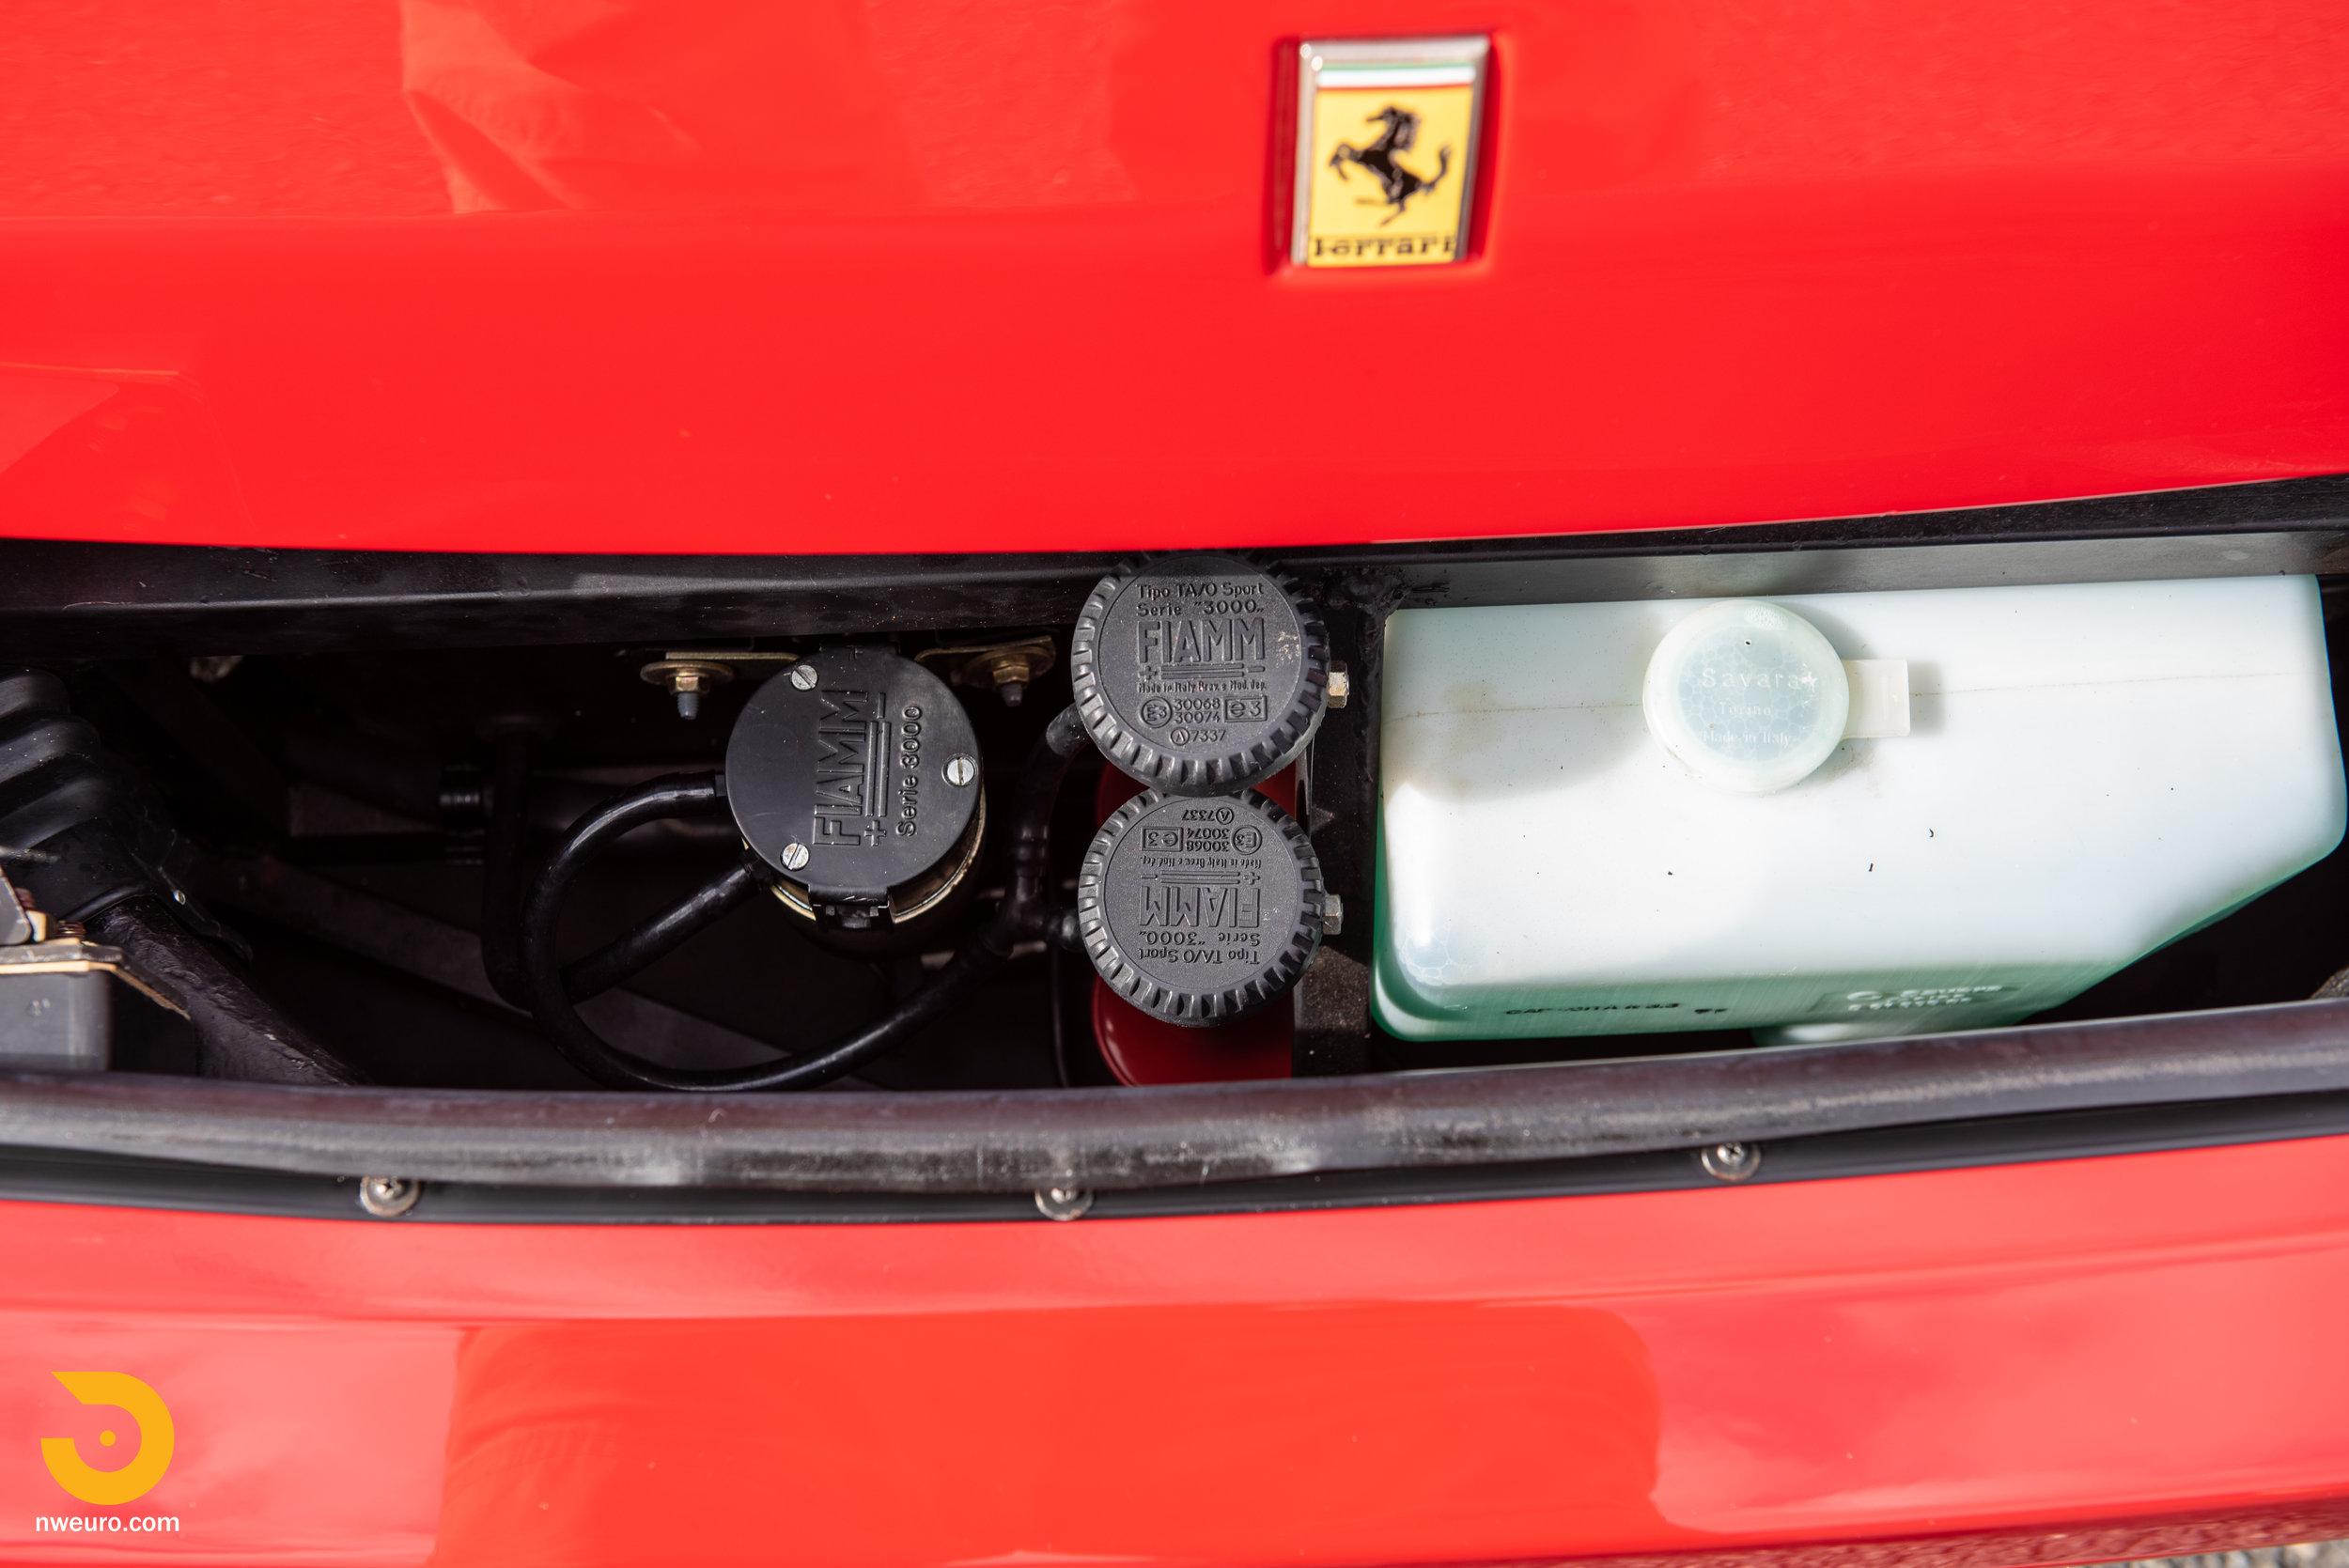 1988 Ferrari Testarossa-38.jpg